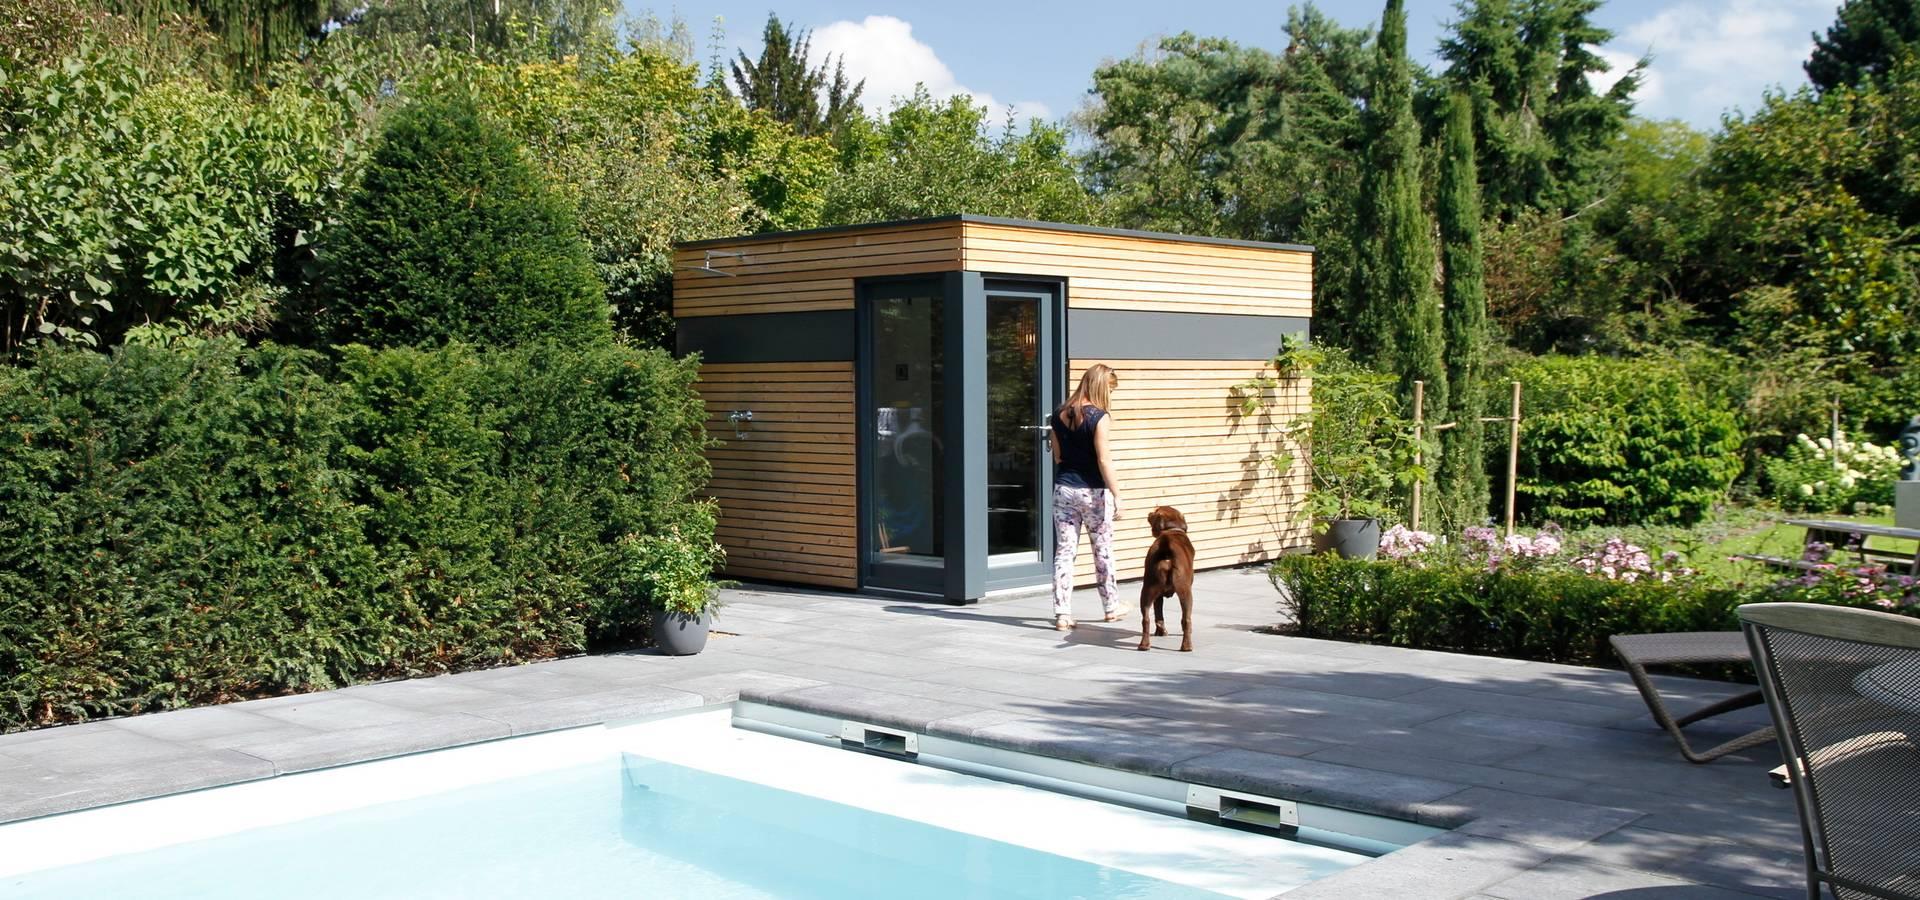 sauna im garten sauna im garten with sauna im garten wo. Black Bedroom Furniture Sets. Home Design Ideas